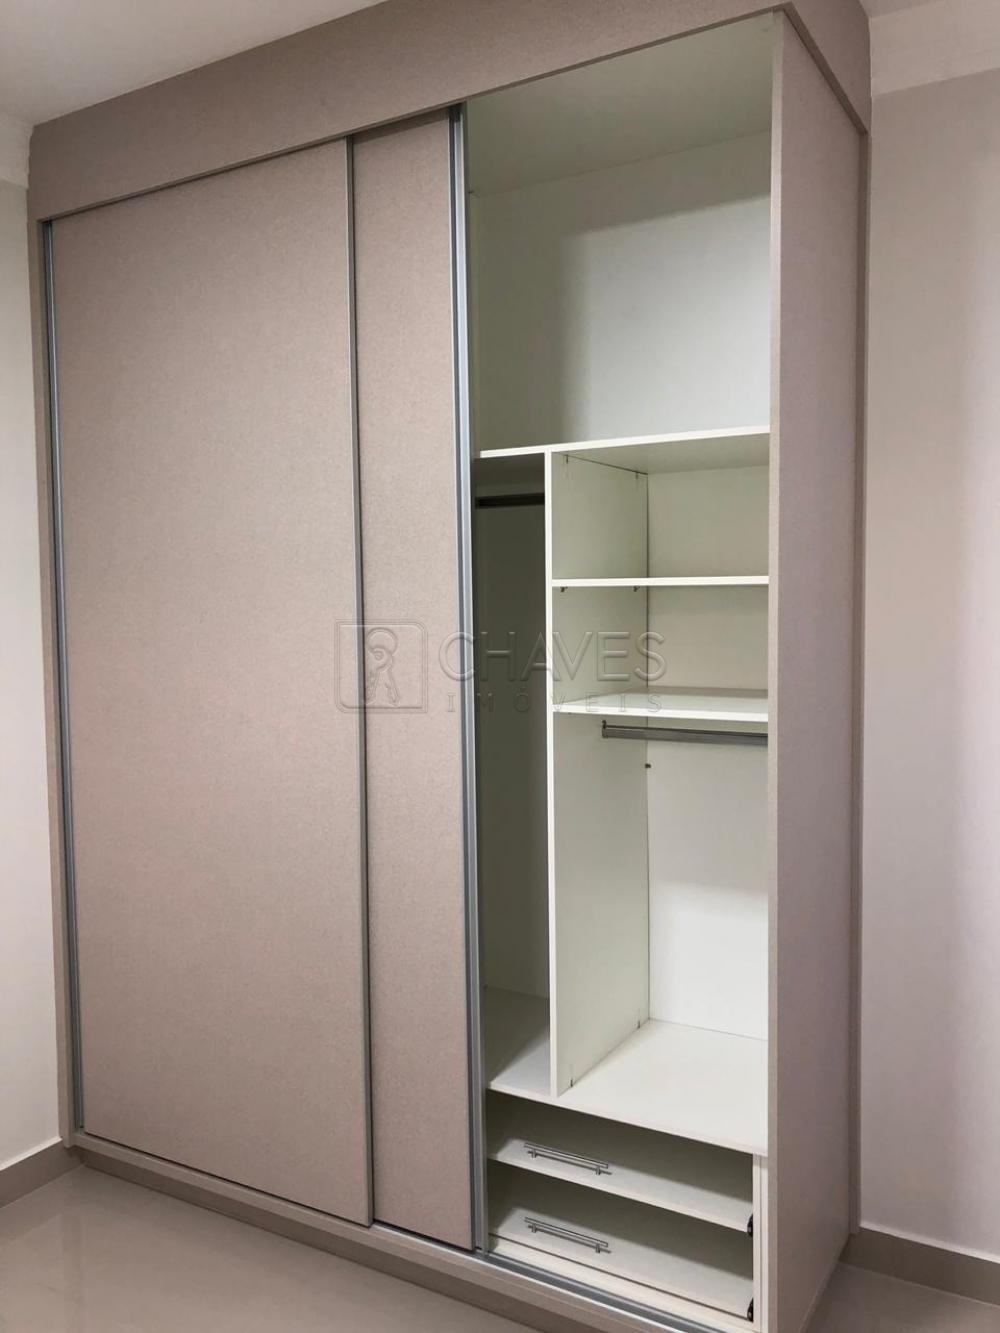 Comprar Casa / Condomínio em Bonfim Paulista apenas R$ 780.000,00 - Foto 6